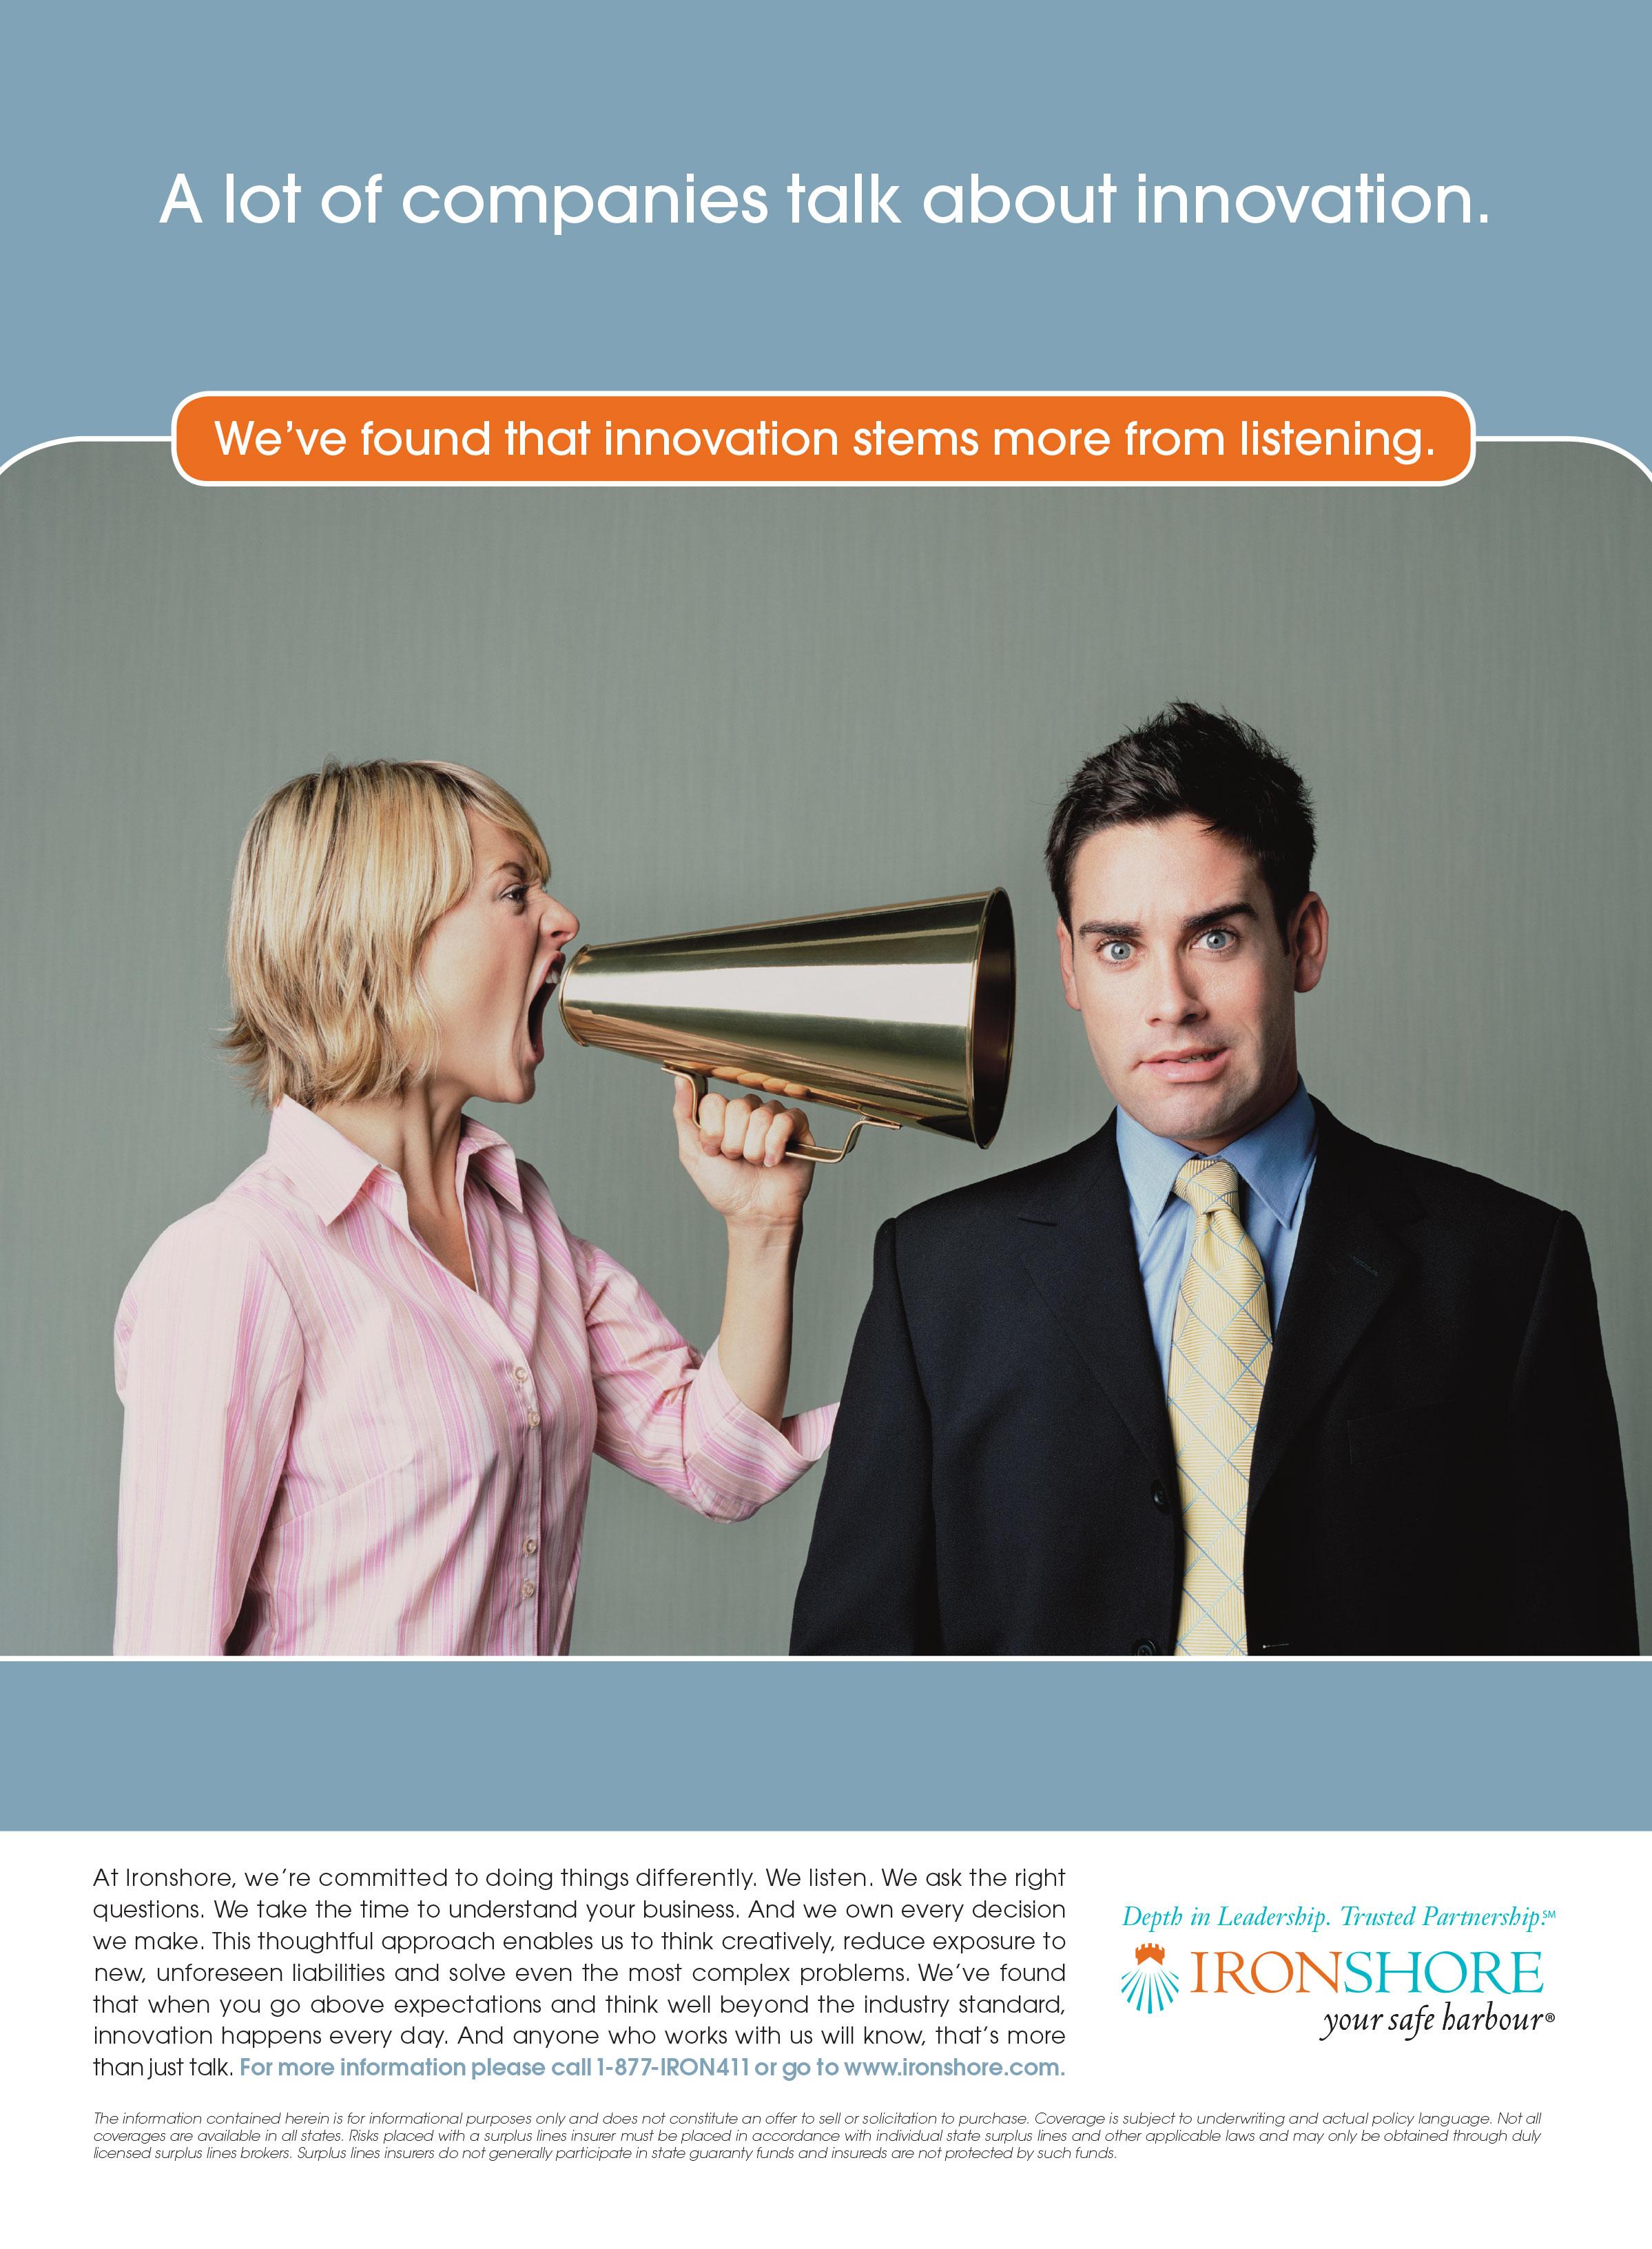 ironshore-innovative-insurance-advertising.jpg